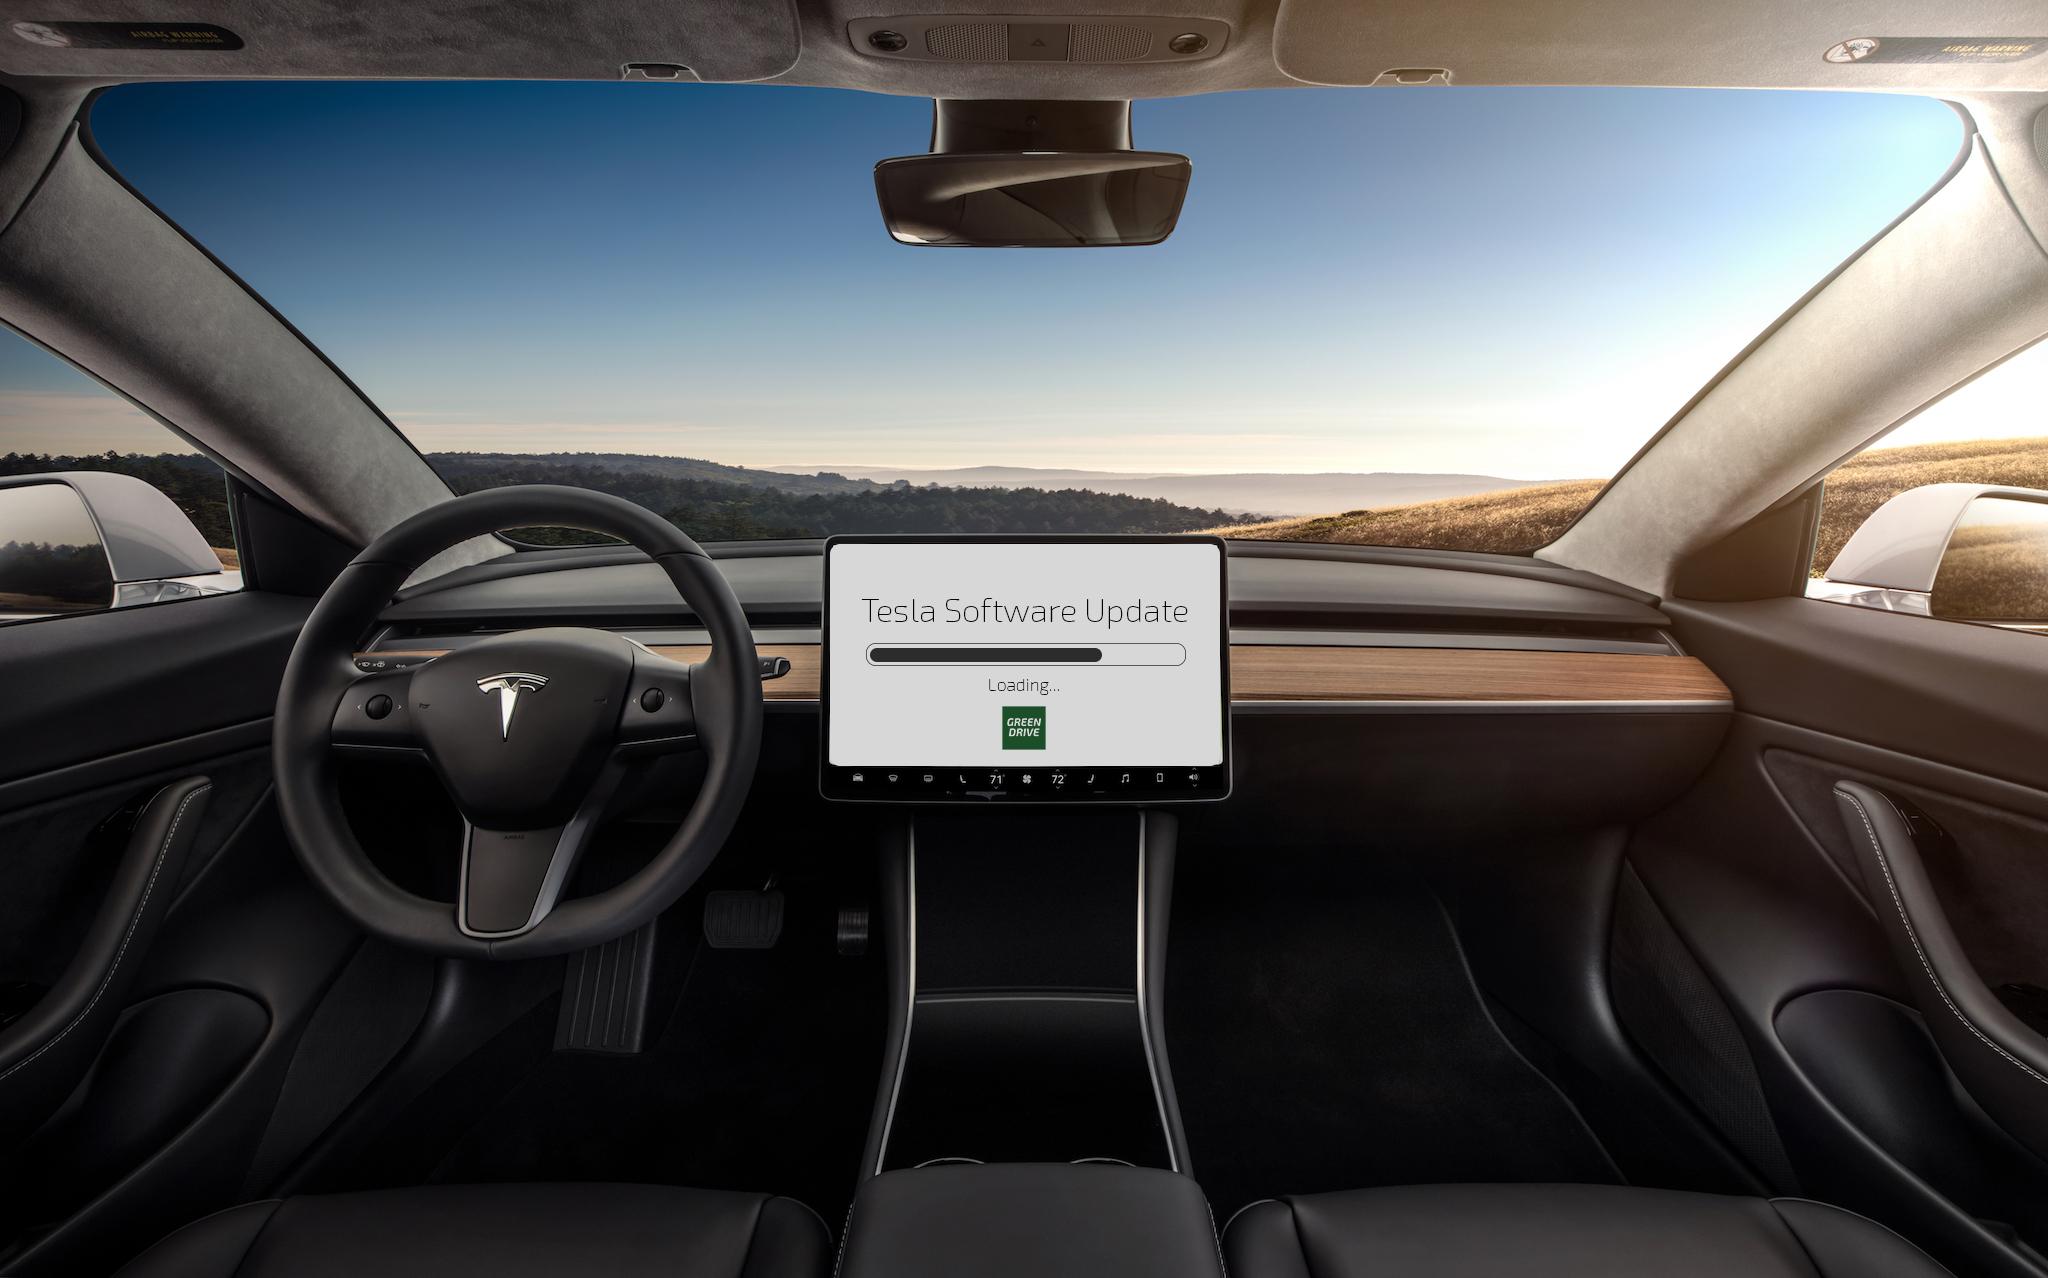 2020.40.0.4, tout ce qu'il faut savoir sur la nouvelle mise à jour Tesla !